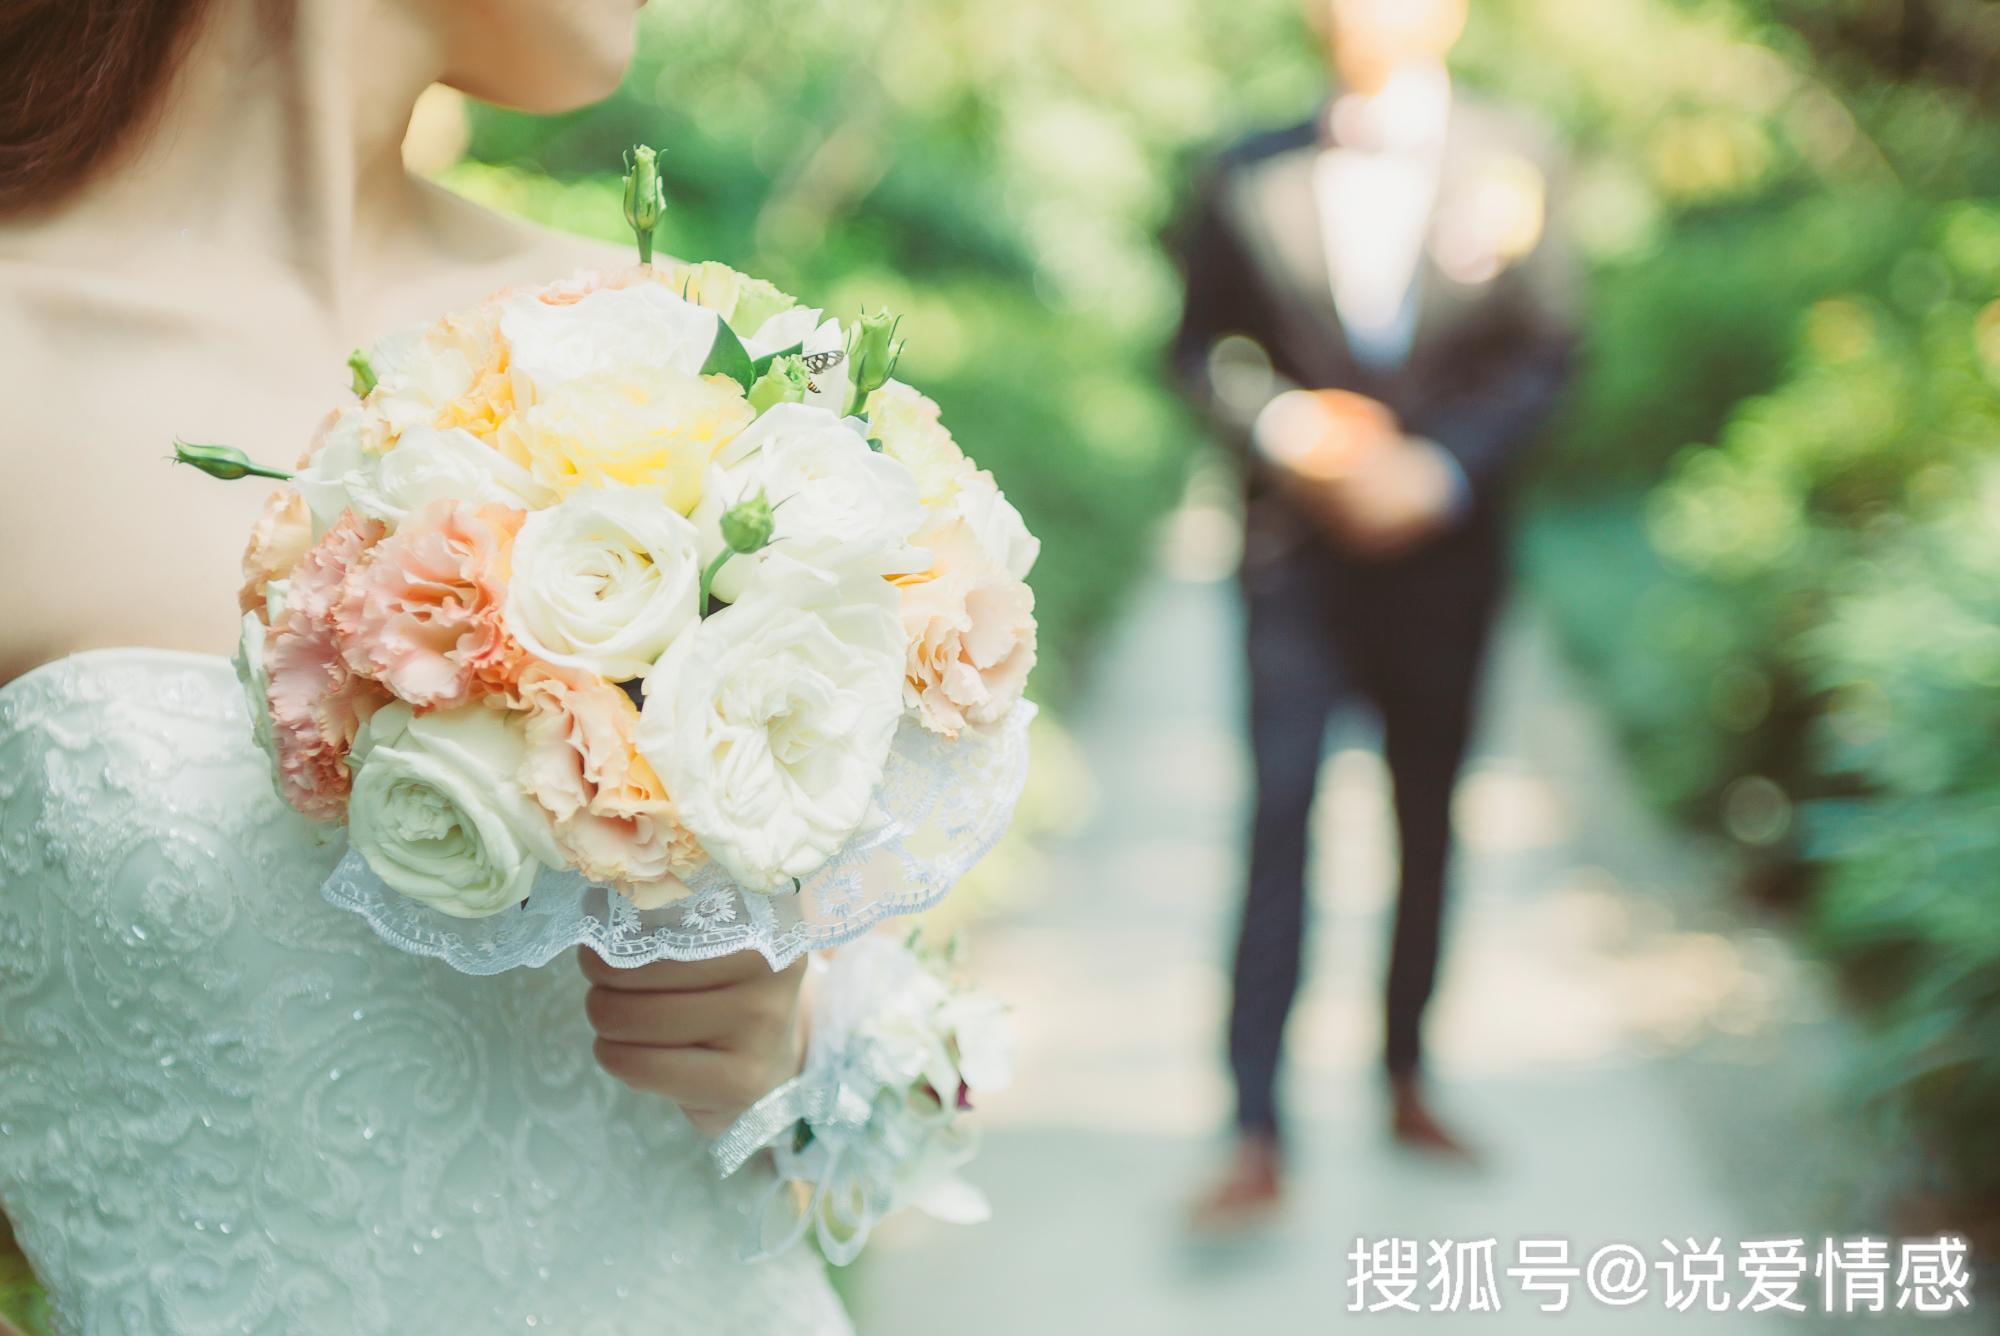 夫妻相处的潜规则:只有认清这三个婚姻真相,女人才能更好命?